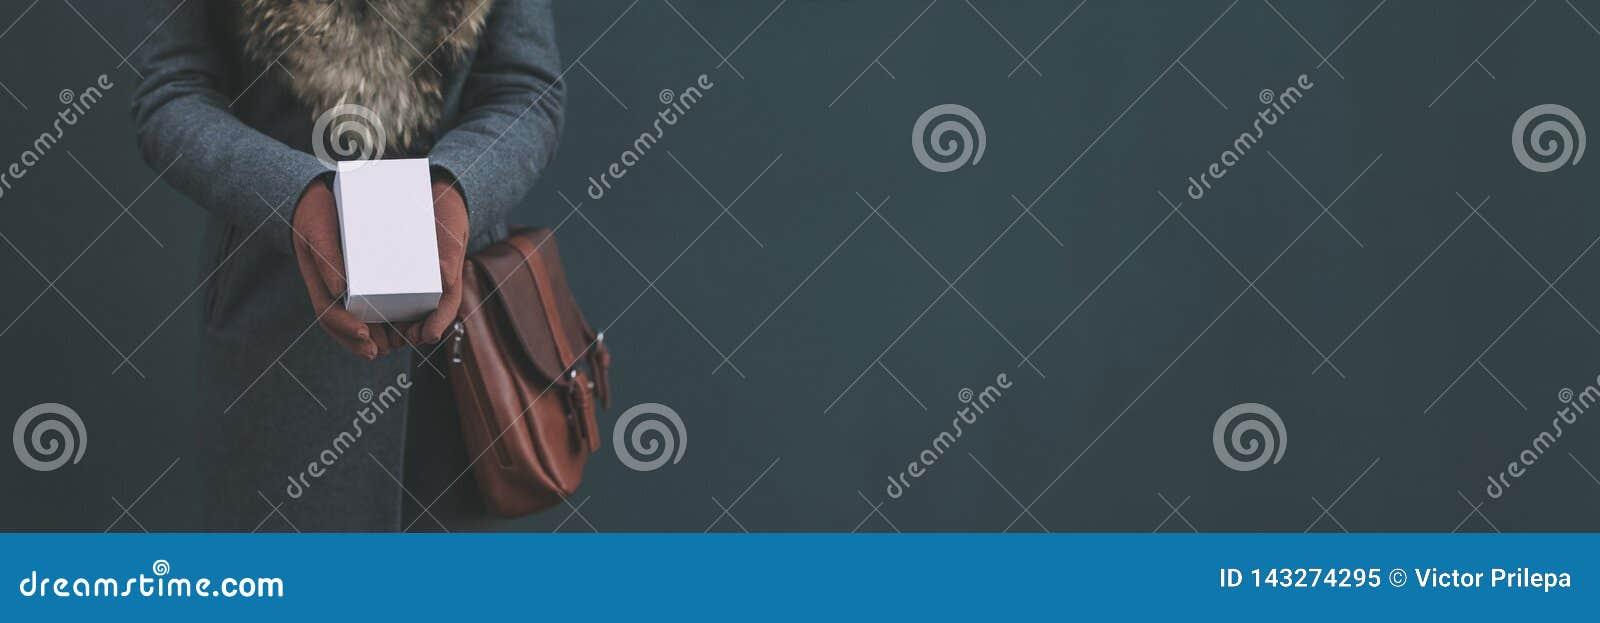 Μακρύ έμβλημα με τη χλεύη επάνω ένα άσπρο κιβώτιο από ένα smartphone Το κορίτσι σε ένα παλτό και καφετιά γάντια κρατά ένα δώρο στ